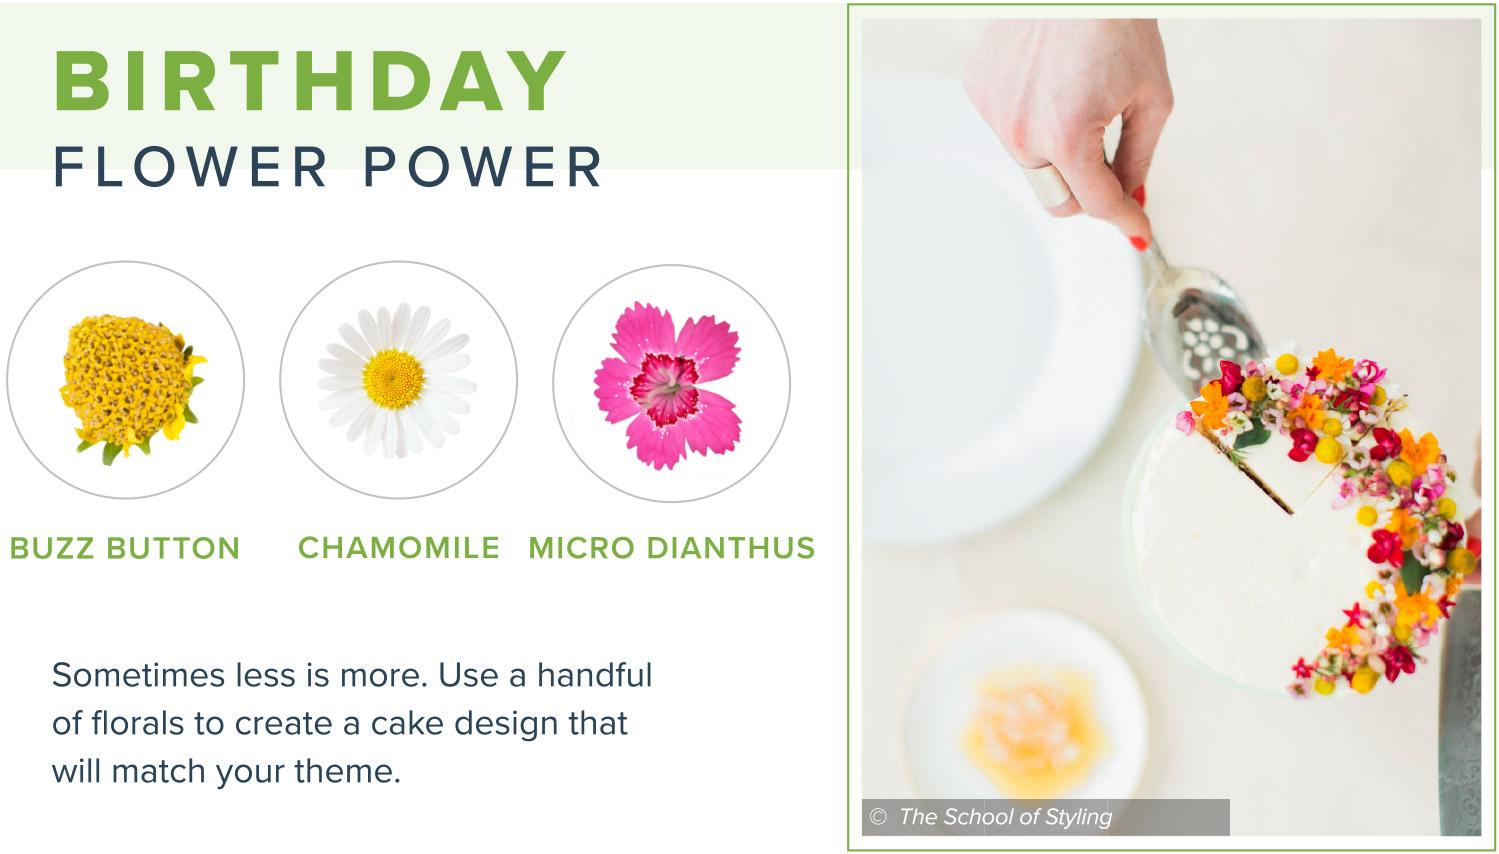 edible flowers birthday flower power